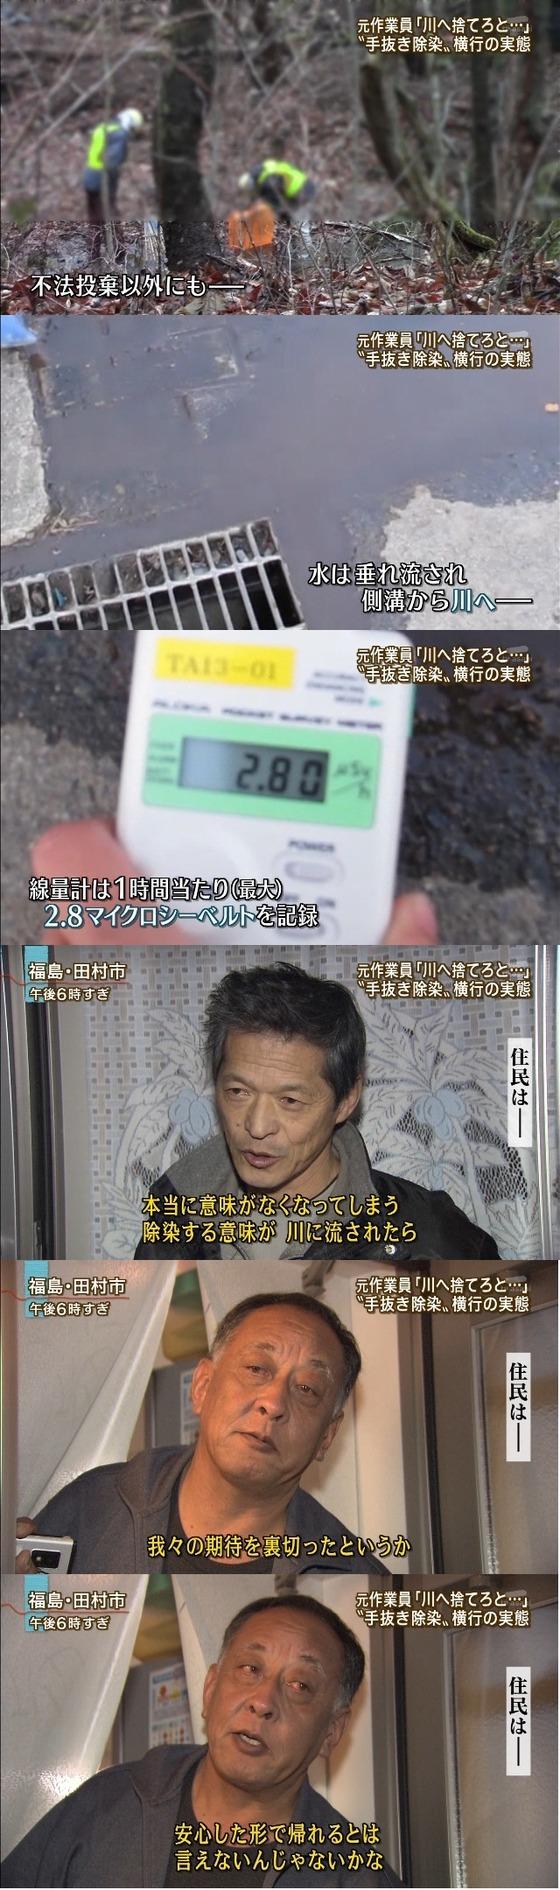 """川に直接投棄 """"手抜き除染""""次々と 報道ステーション3"""